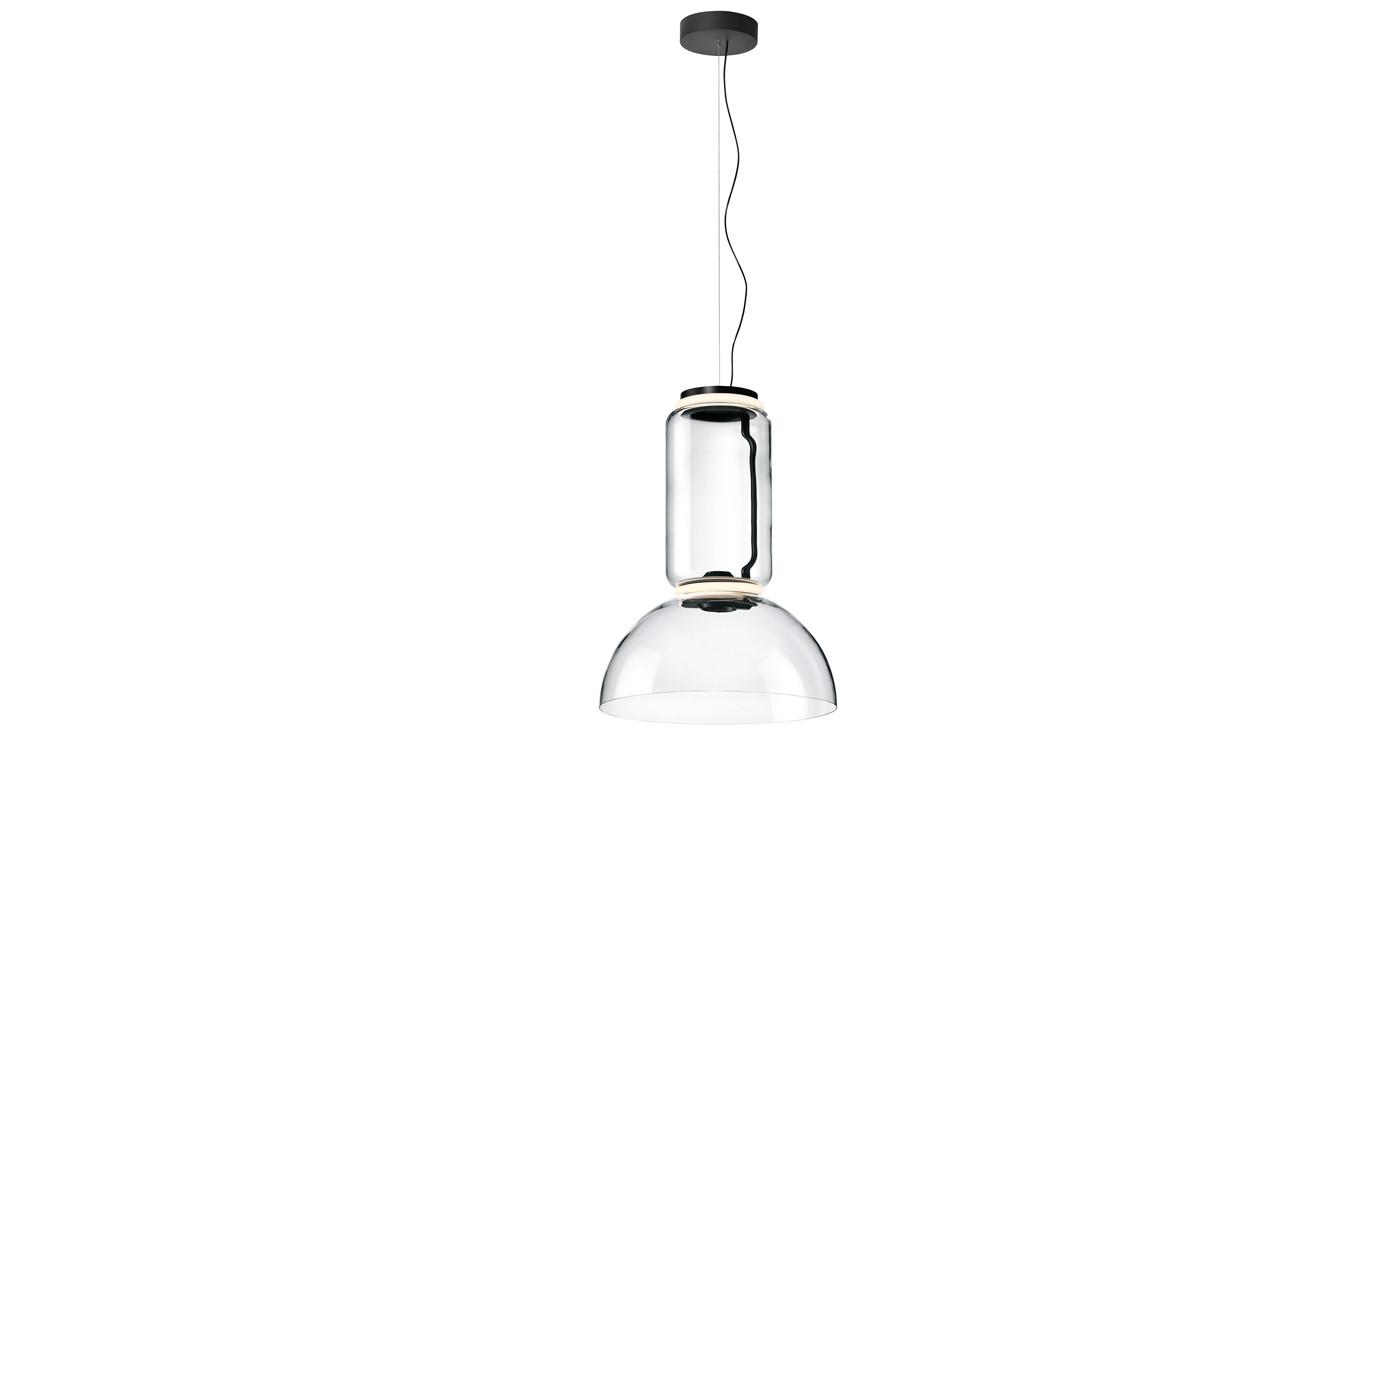 Flos Noctambule Low Cylinders & Bowl LED